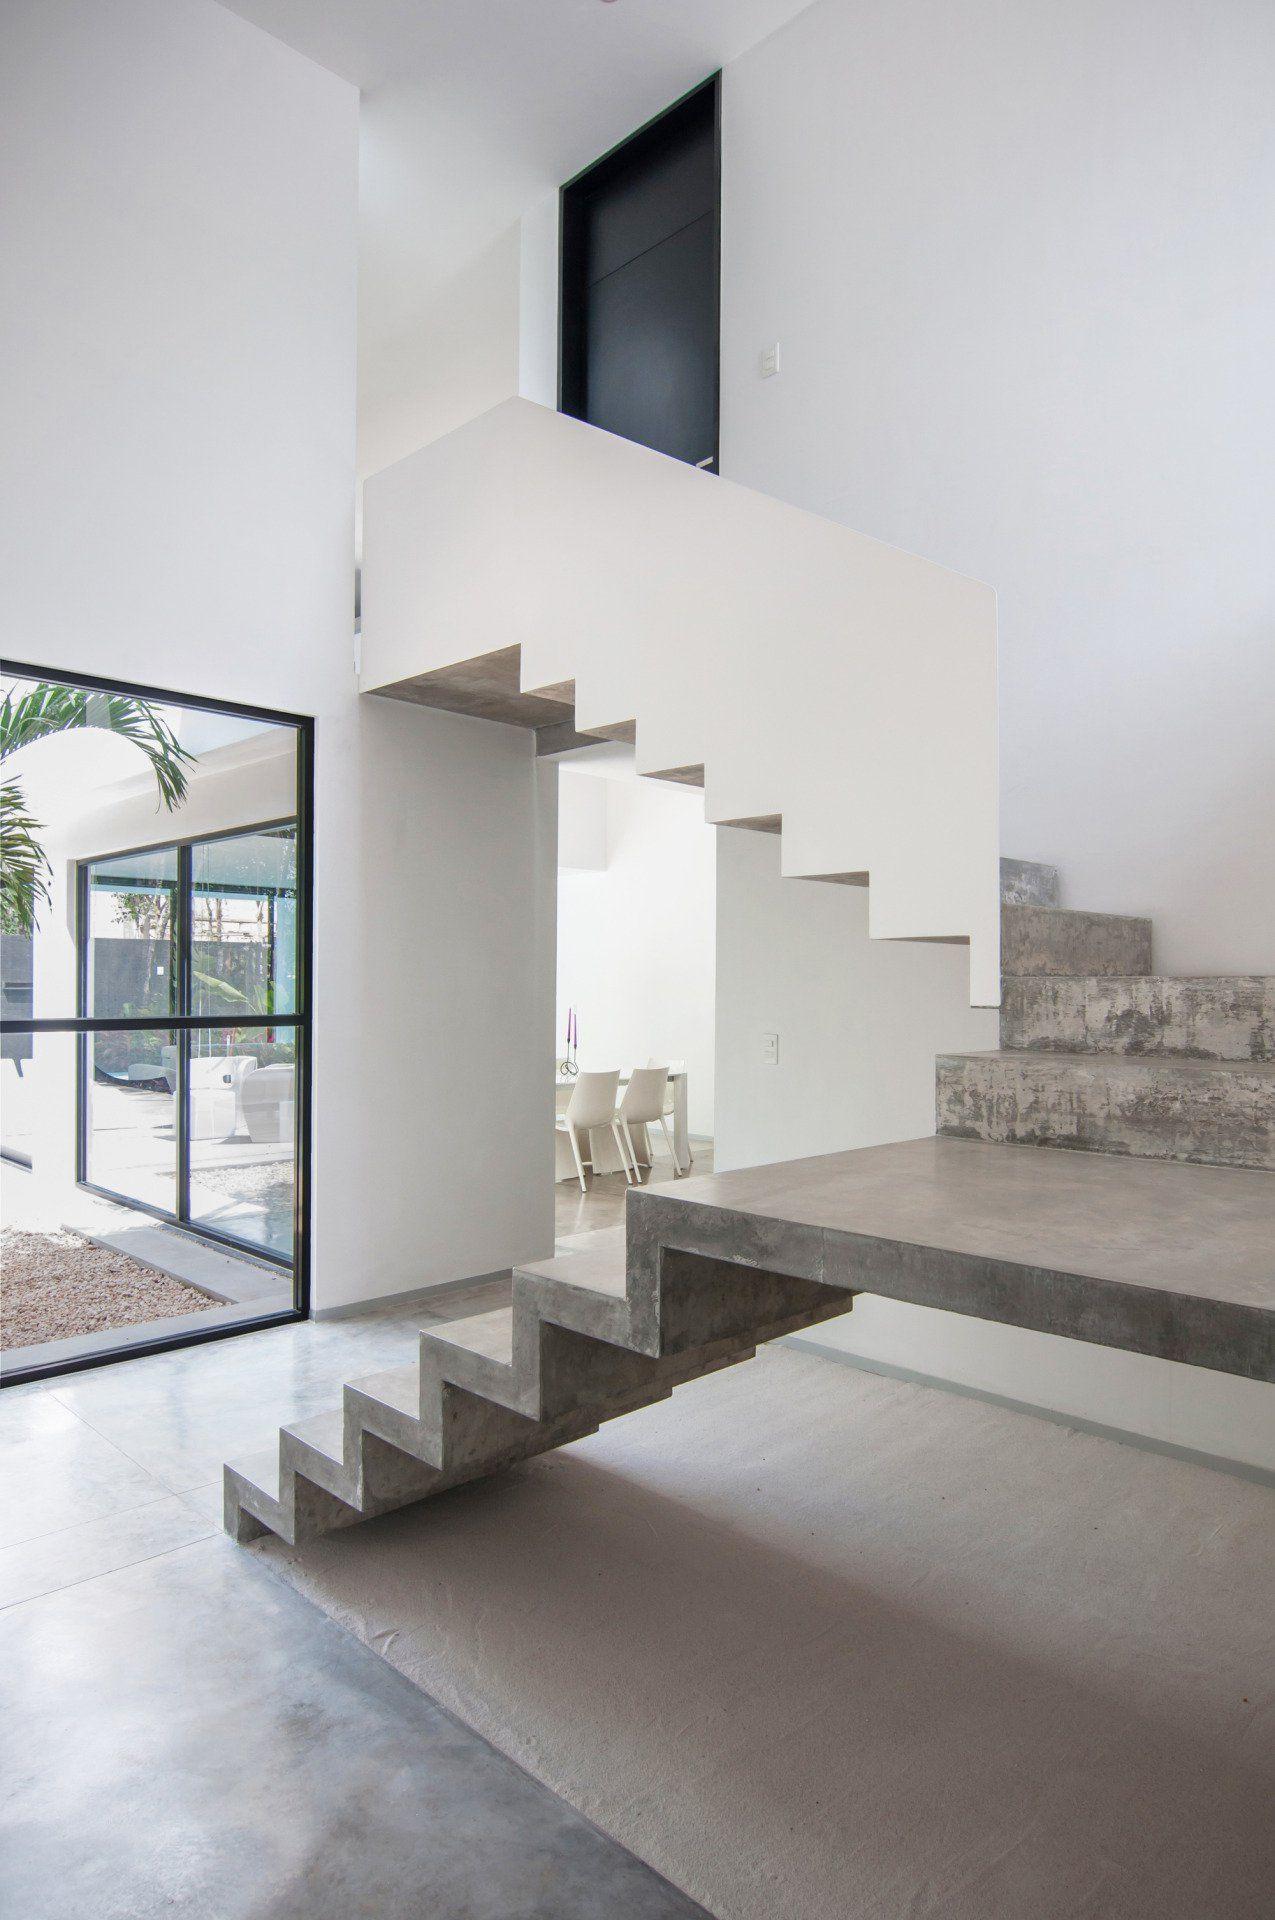 Escalier Moderne Beton Mariez Praticite Avec Esthetique